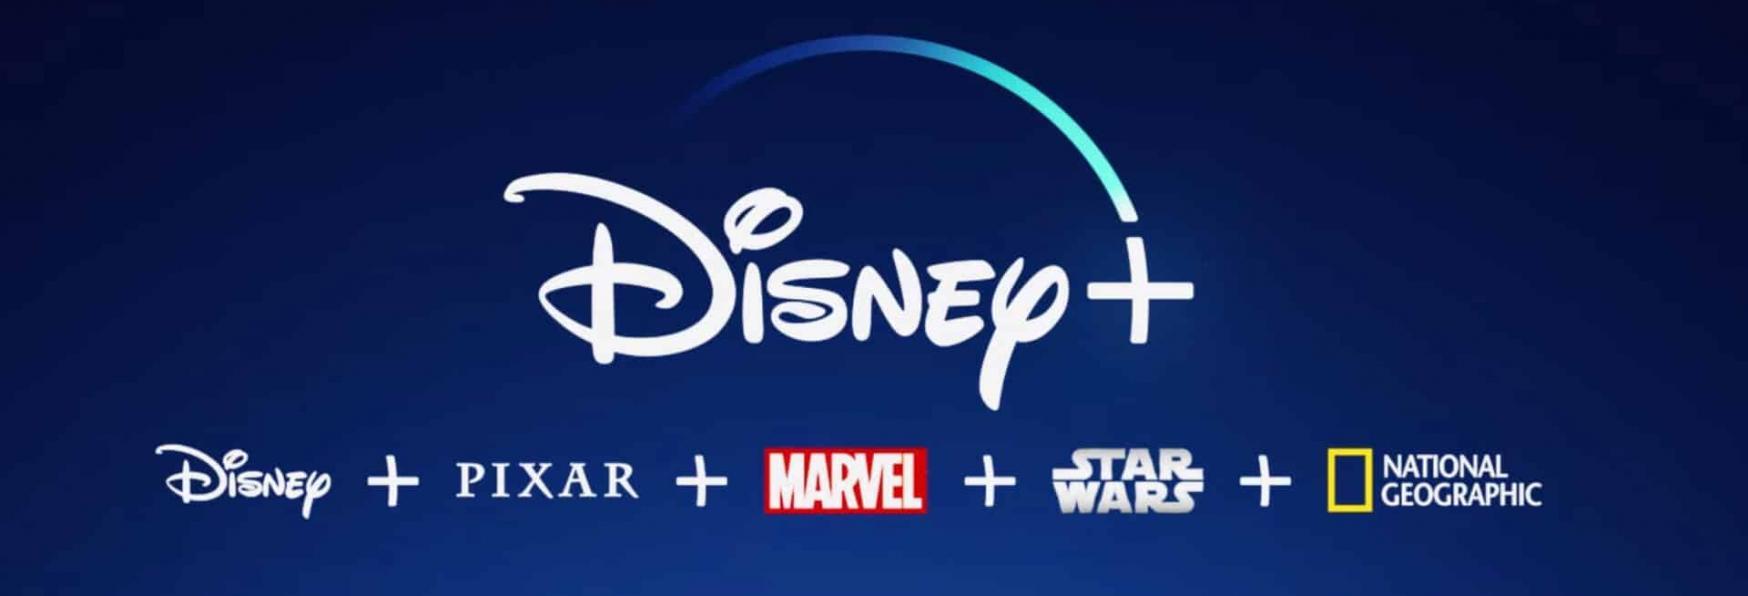 Nuovi aggiornamenti sulle Serie TV Marvel presto disponibili su Disney